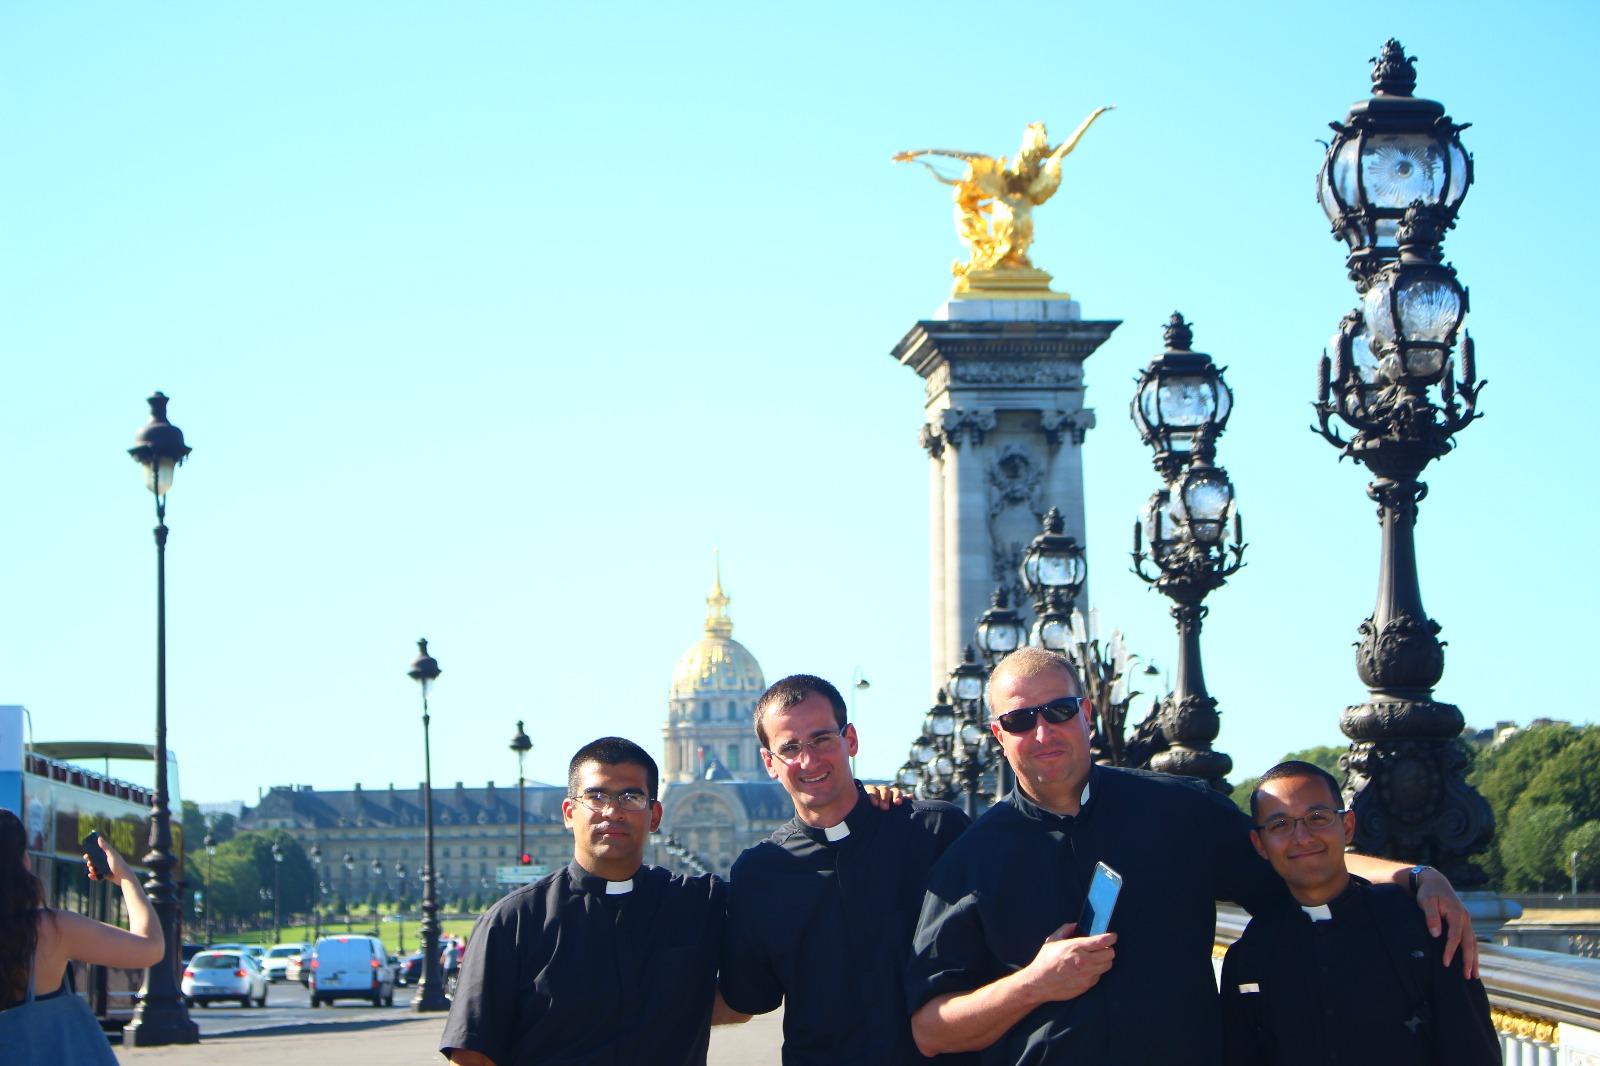 En el puente Alejandro III con vista de la iglesia donde está el cuerpo de Napoleón Bonaparte (fondo)